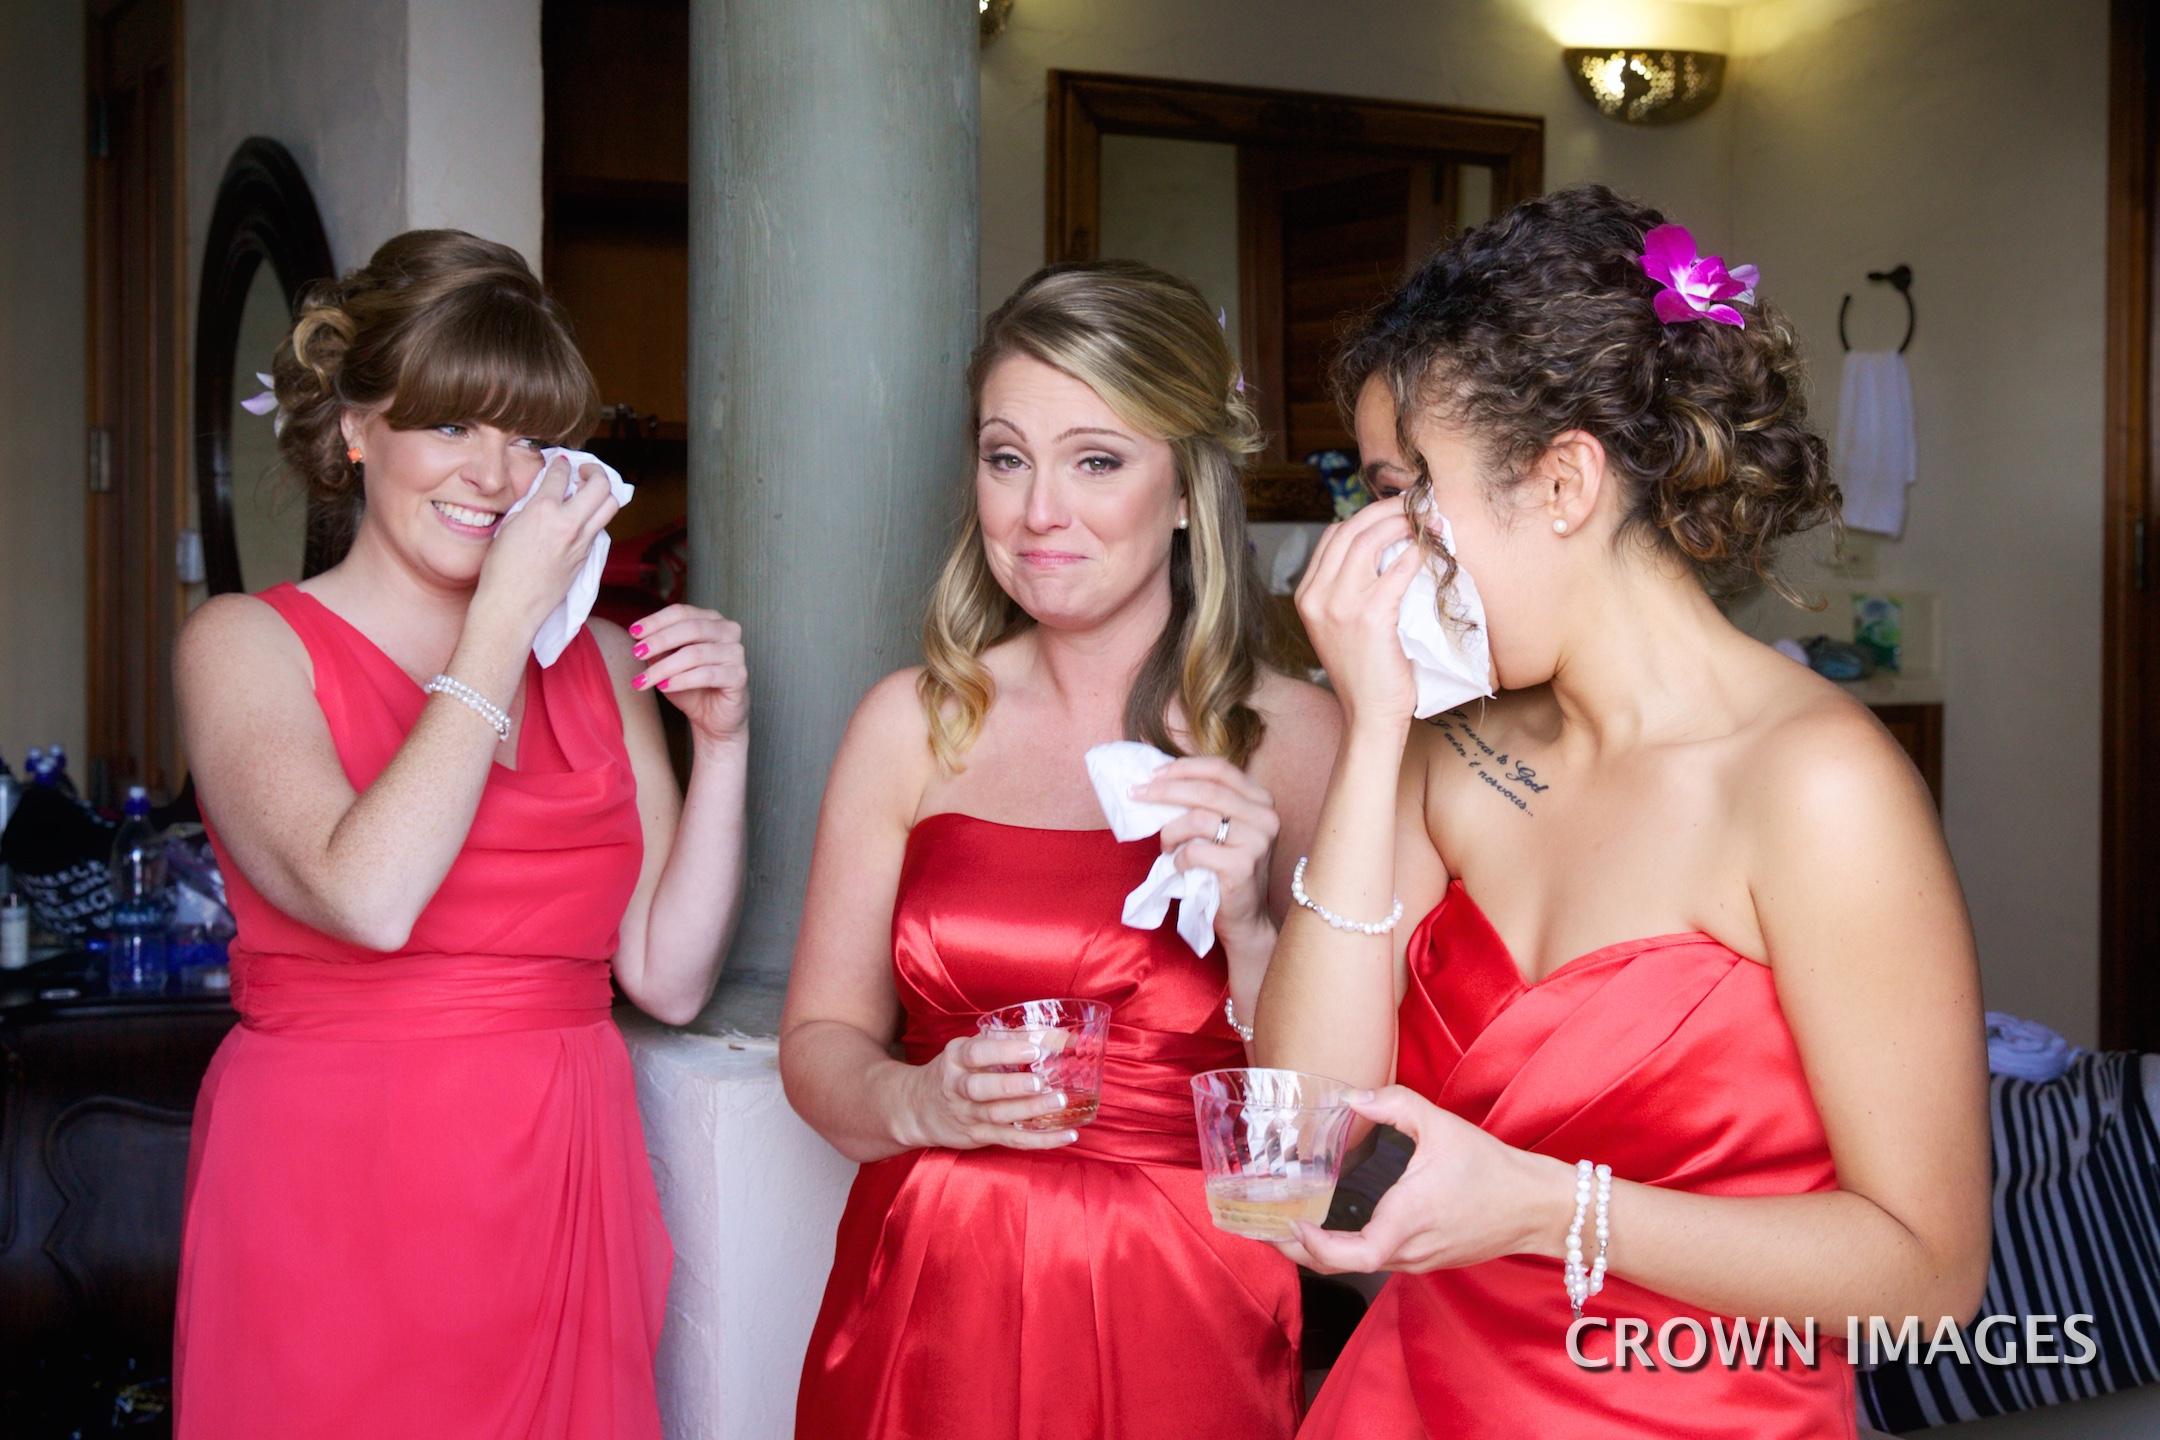 bridesmaids dresses for a beach wedding